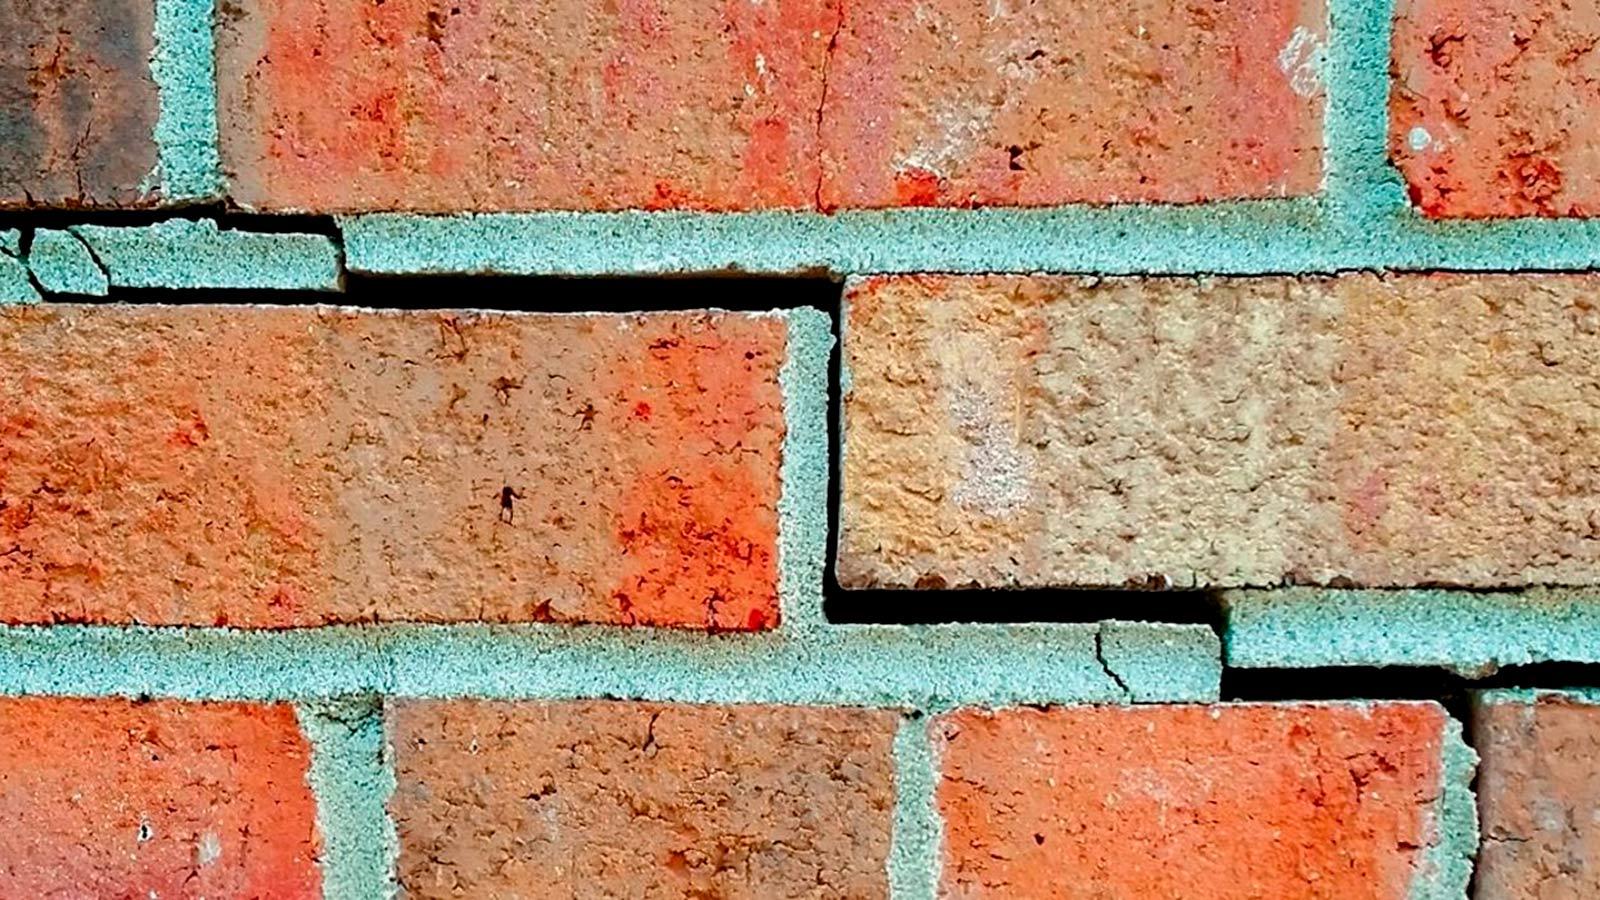 Когда требуется реставрация и инъектирование кирпичной кладки и бетона